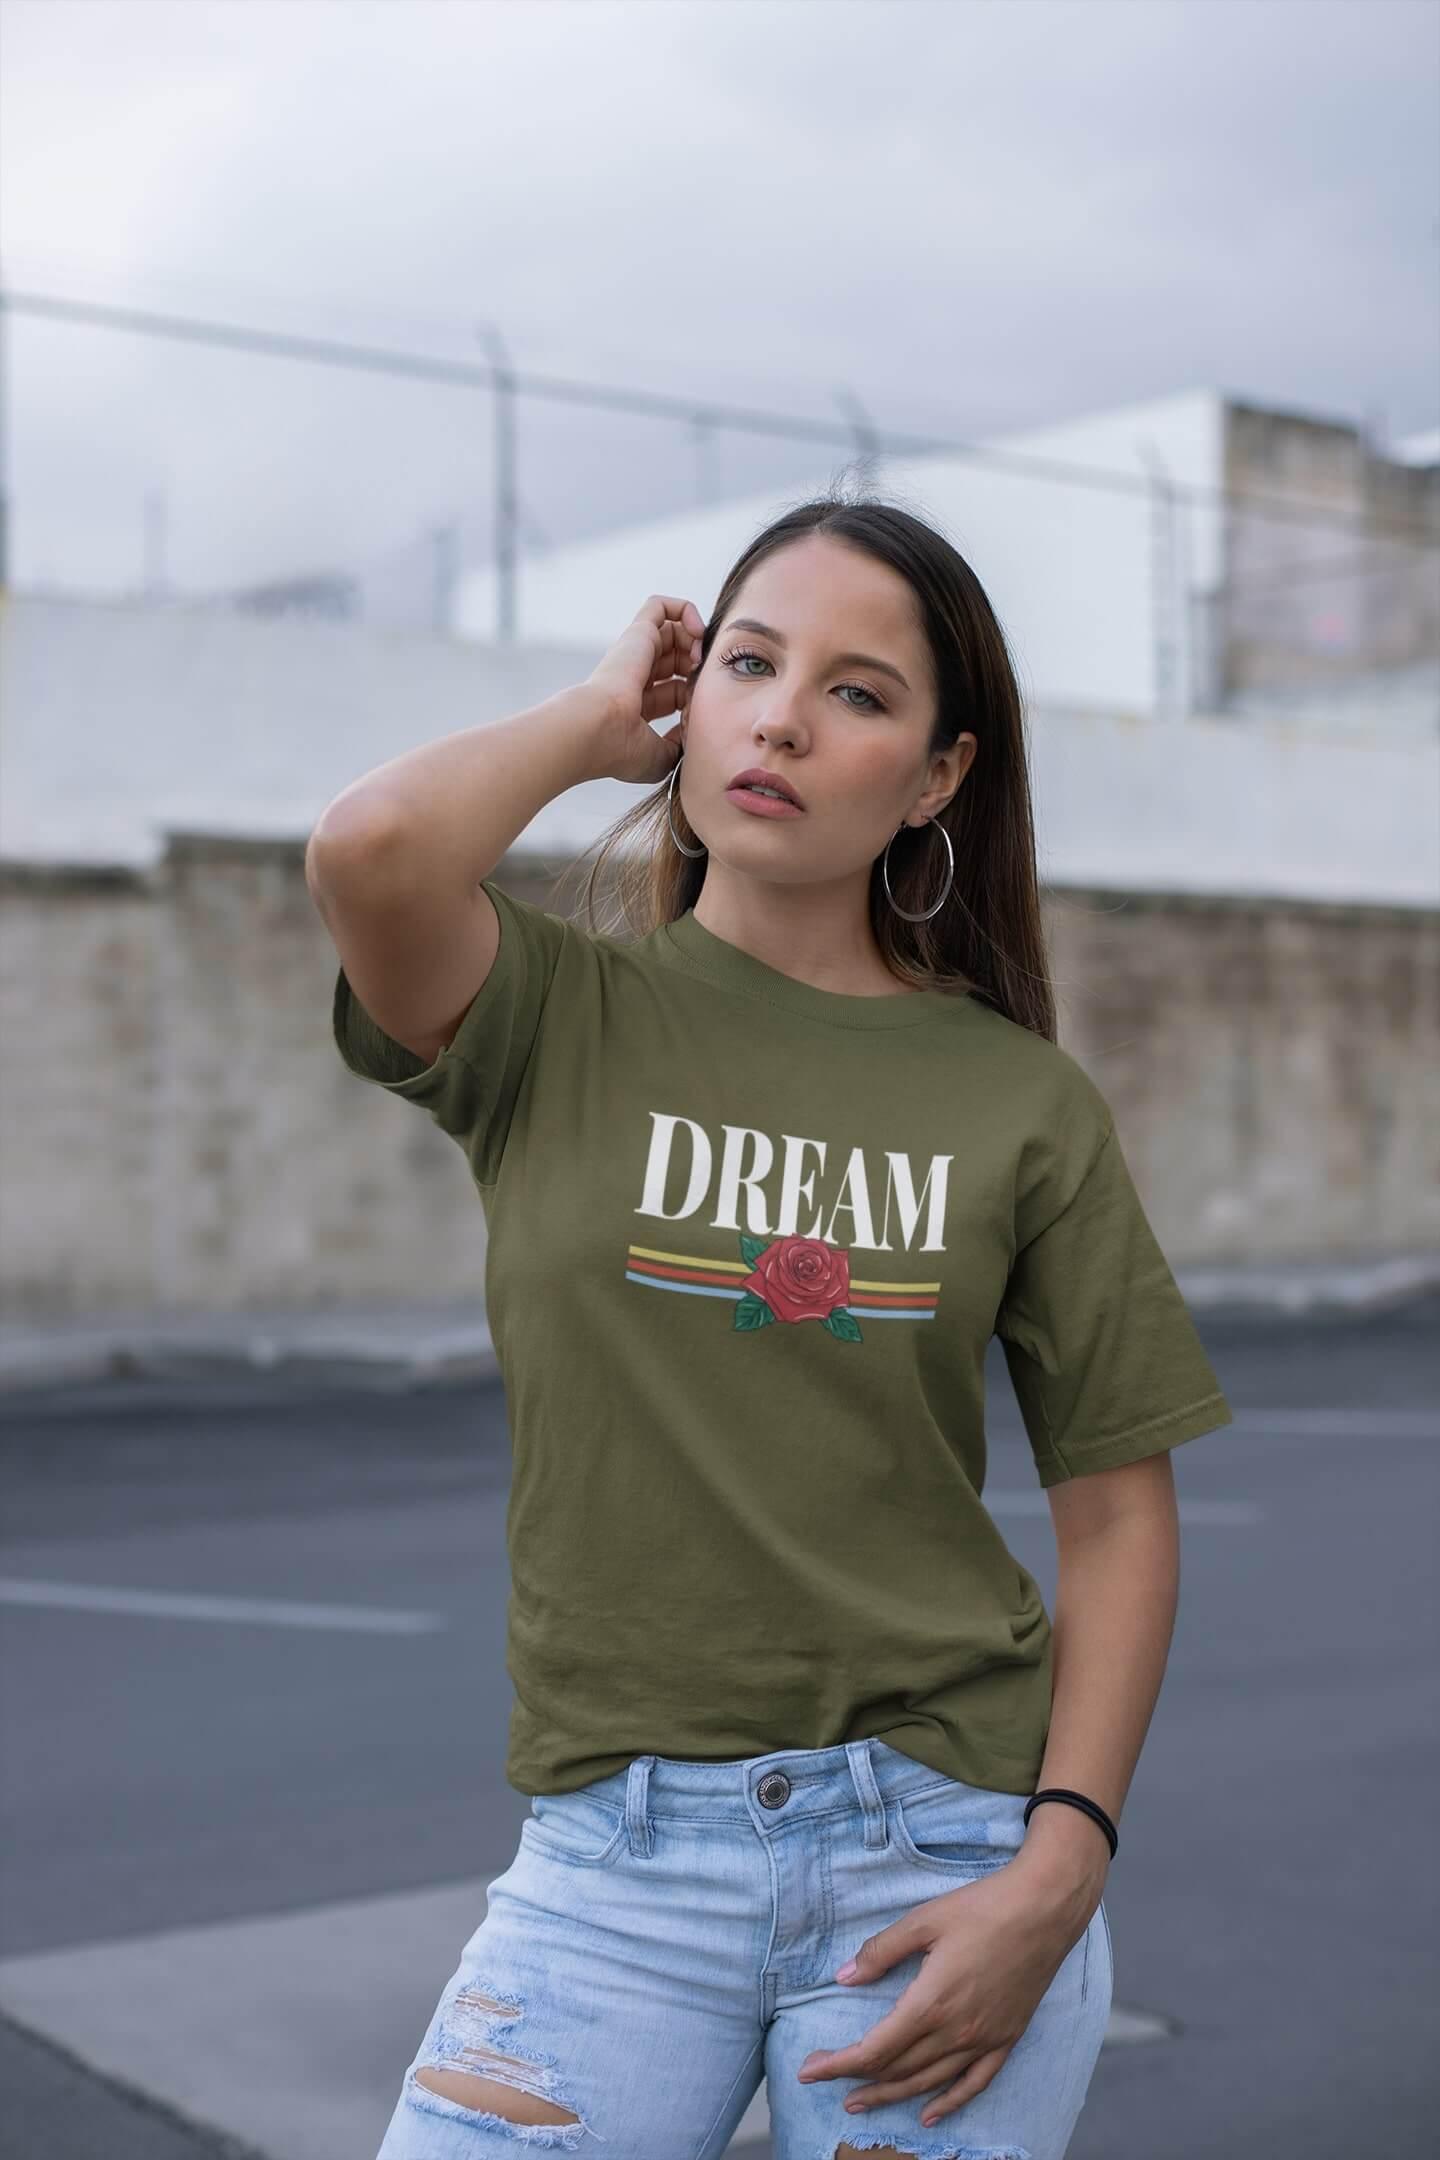 MMO Dámske tričko Dream Vyberte farbu: Khaki, Vyberte veľkosť: M